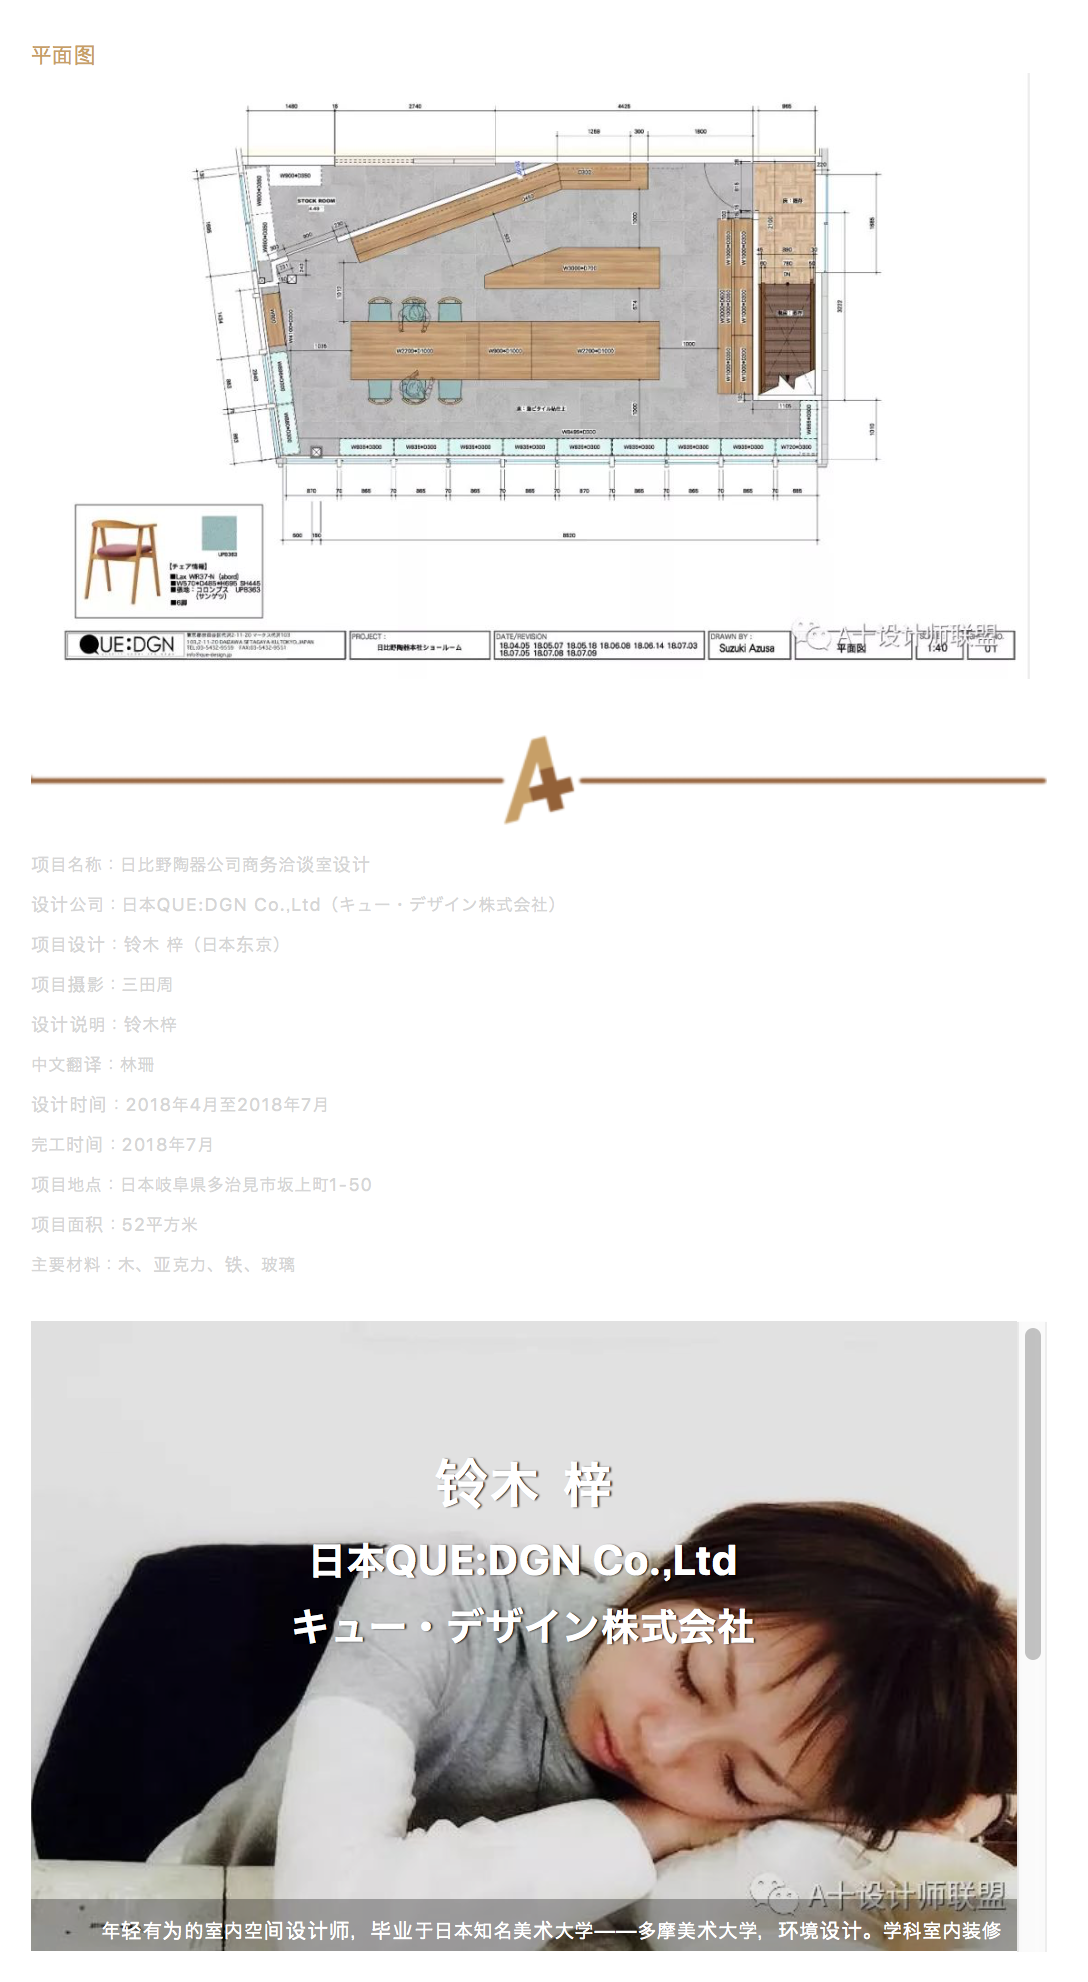 スクリーンショット 2019-04-05 18.06.28